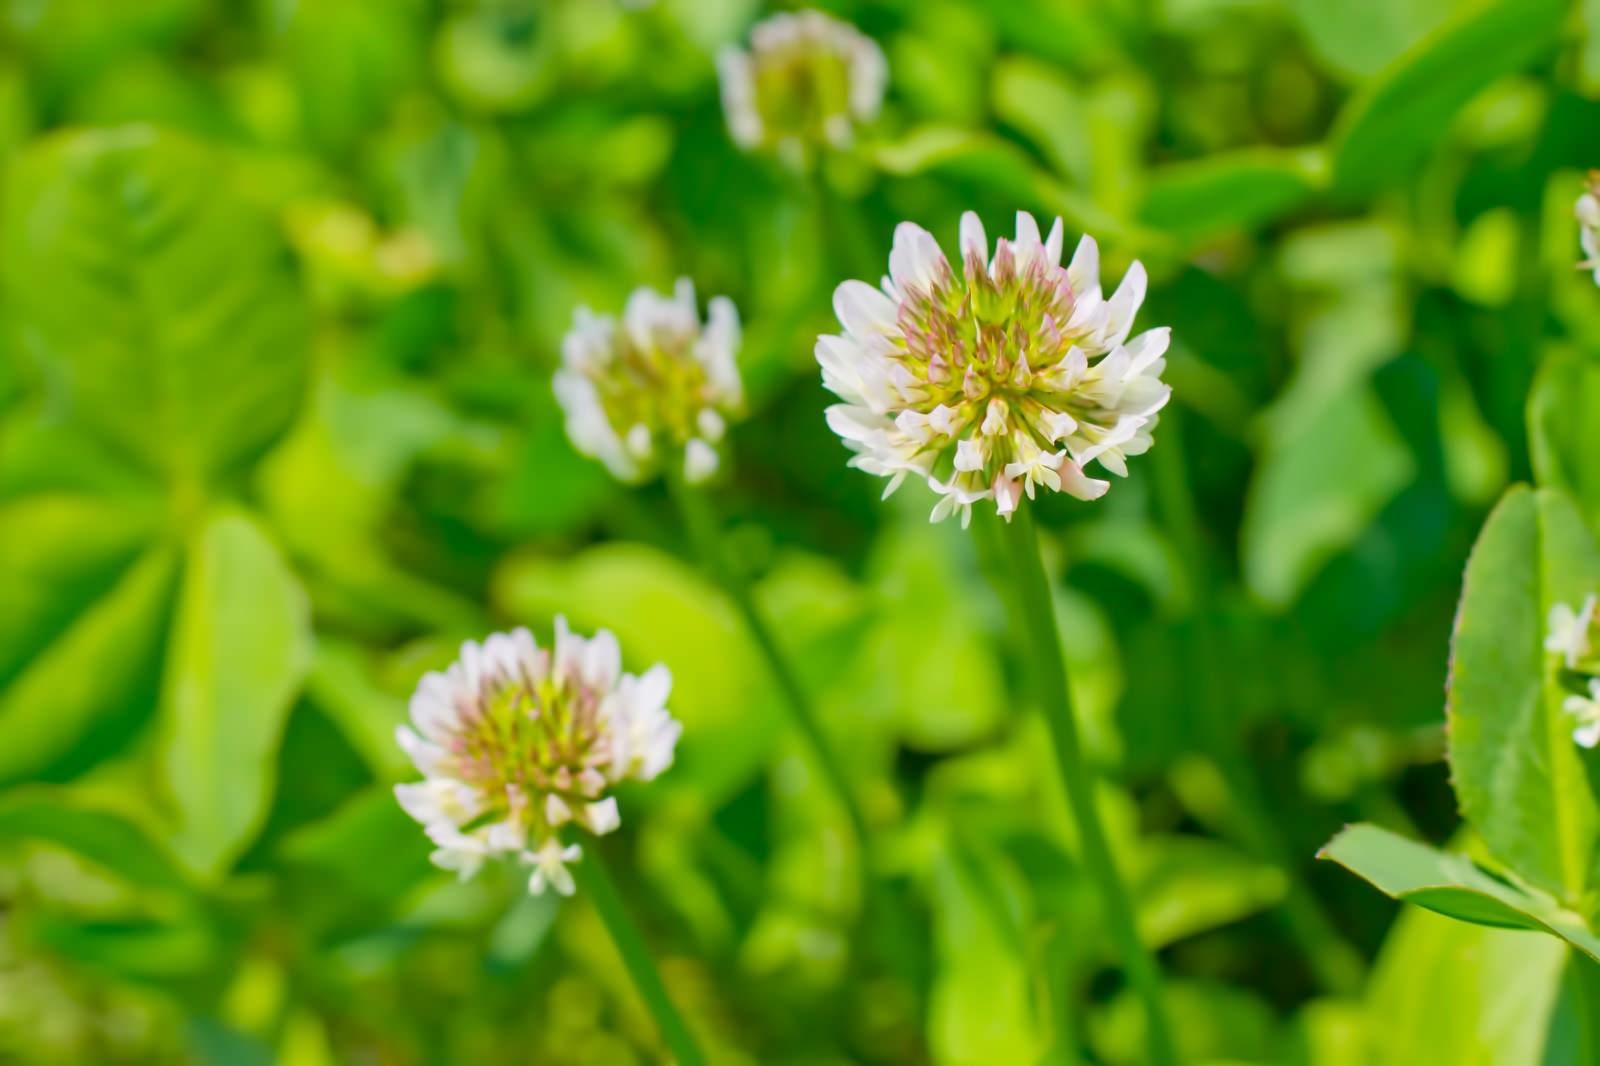 「シロツメグサの花」の写真